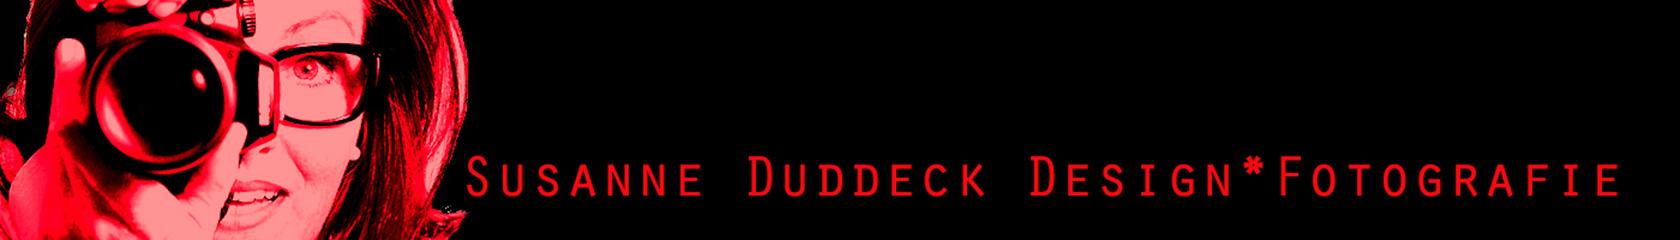 duddeck-banner-non